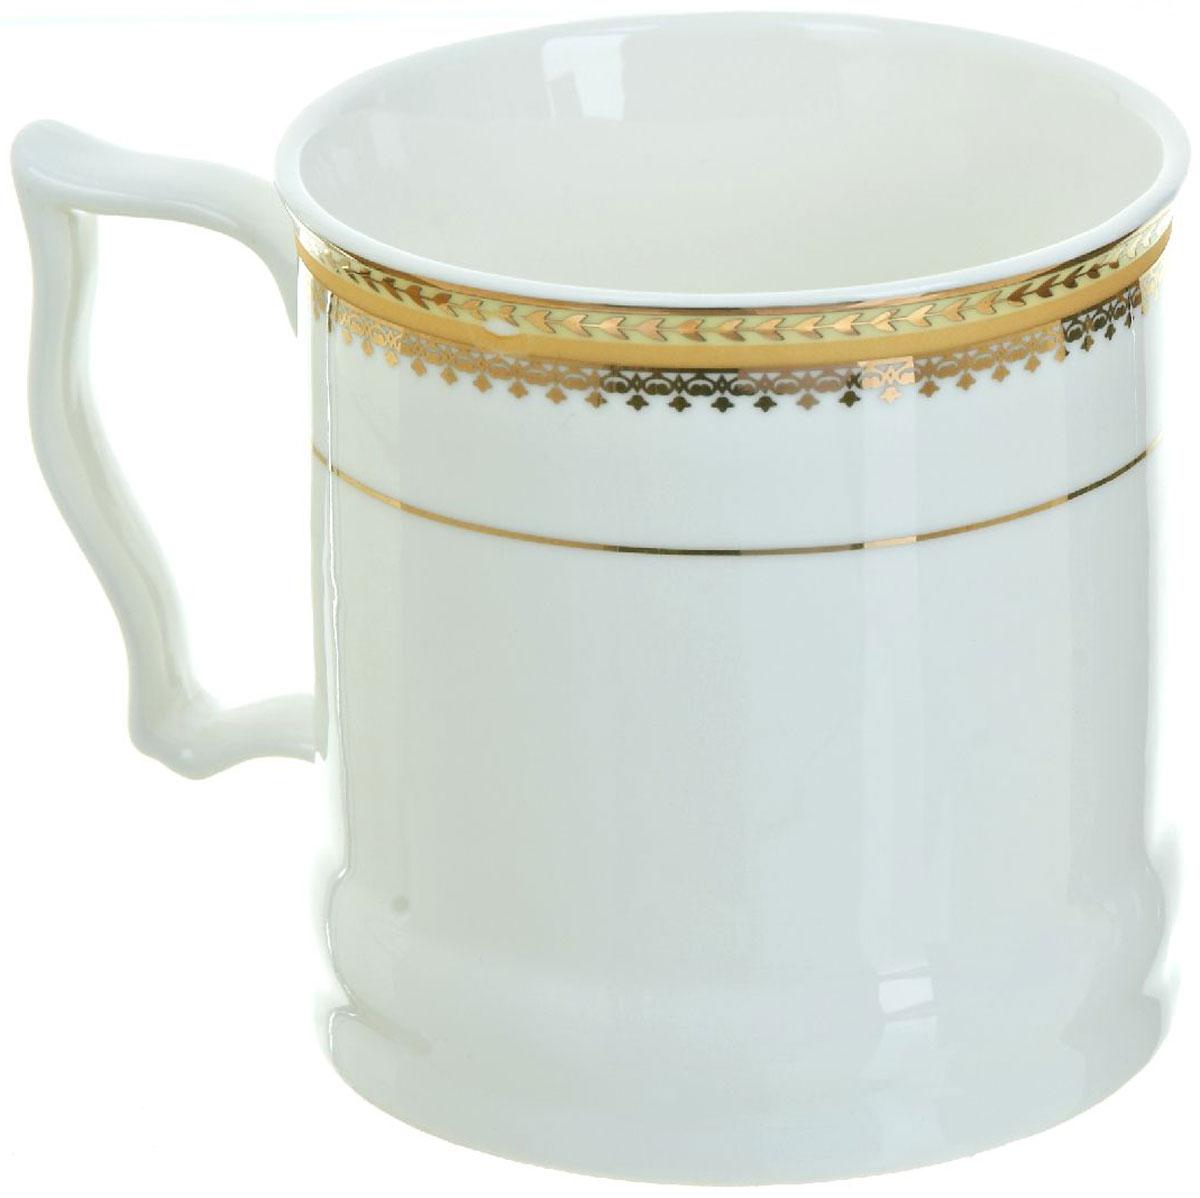 Кружка BHP Королевская кружка, 500 мл. 18700091870009Оригинальная кружка Best Home Porcelain, выполненная из высококачественного фарфора, сочетает в себе простой, утонченный дизайн с максимальной функциональностью. Можно использовать в посудомоечной машине.